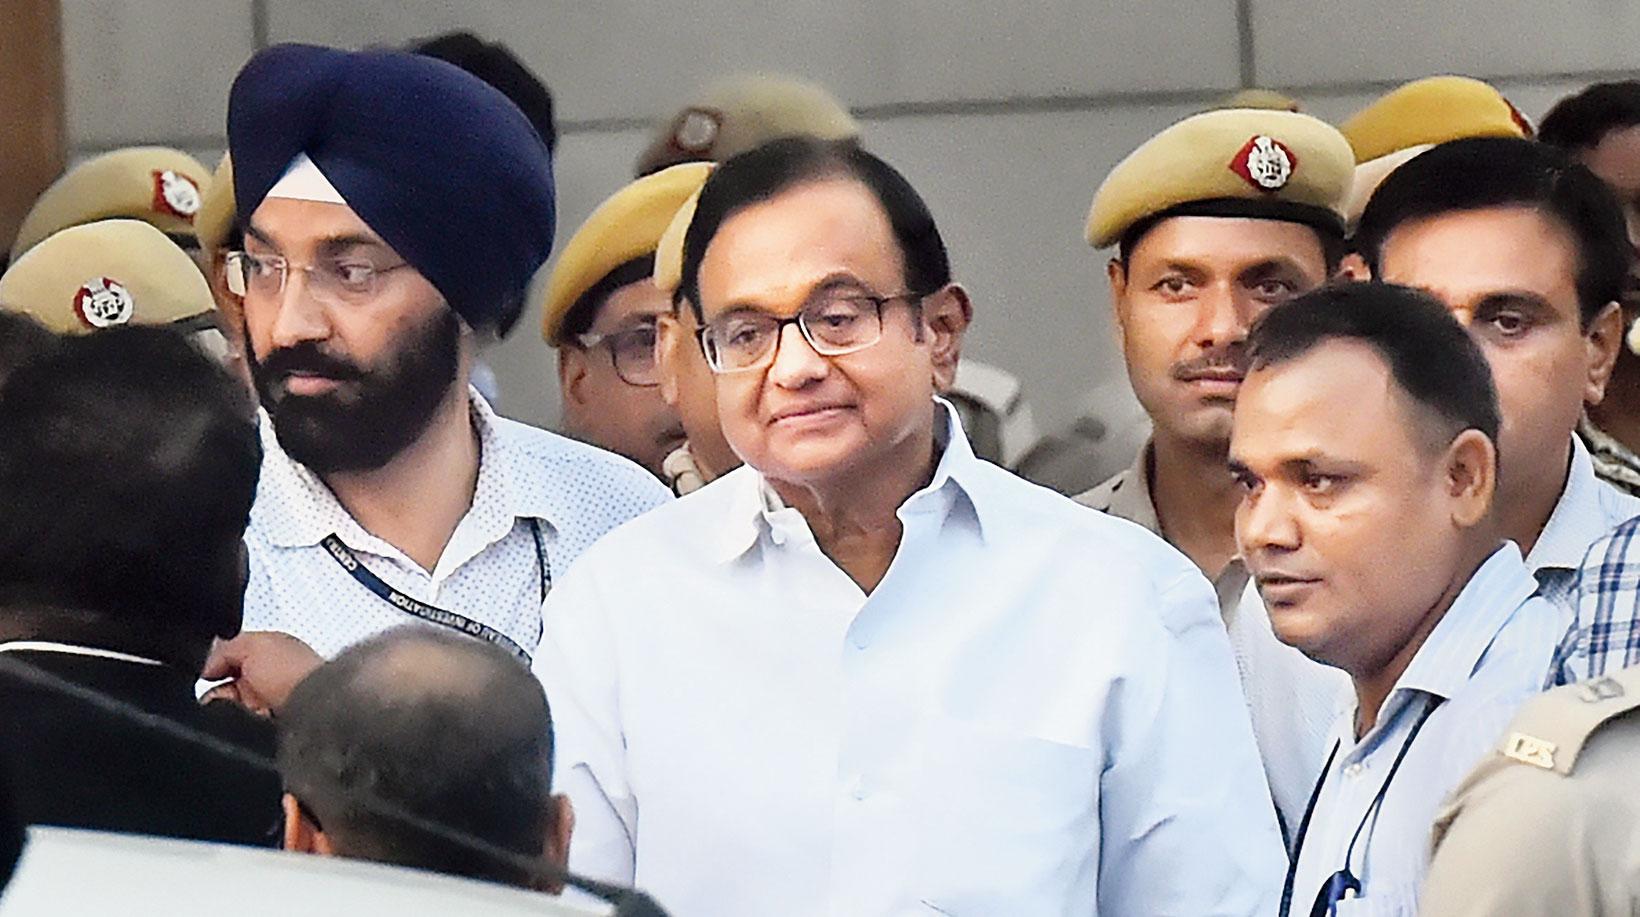 Former finance minister P. Chidambaram outside a court in New Delhi on Thursday, August 22, 2019.